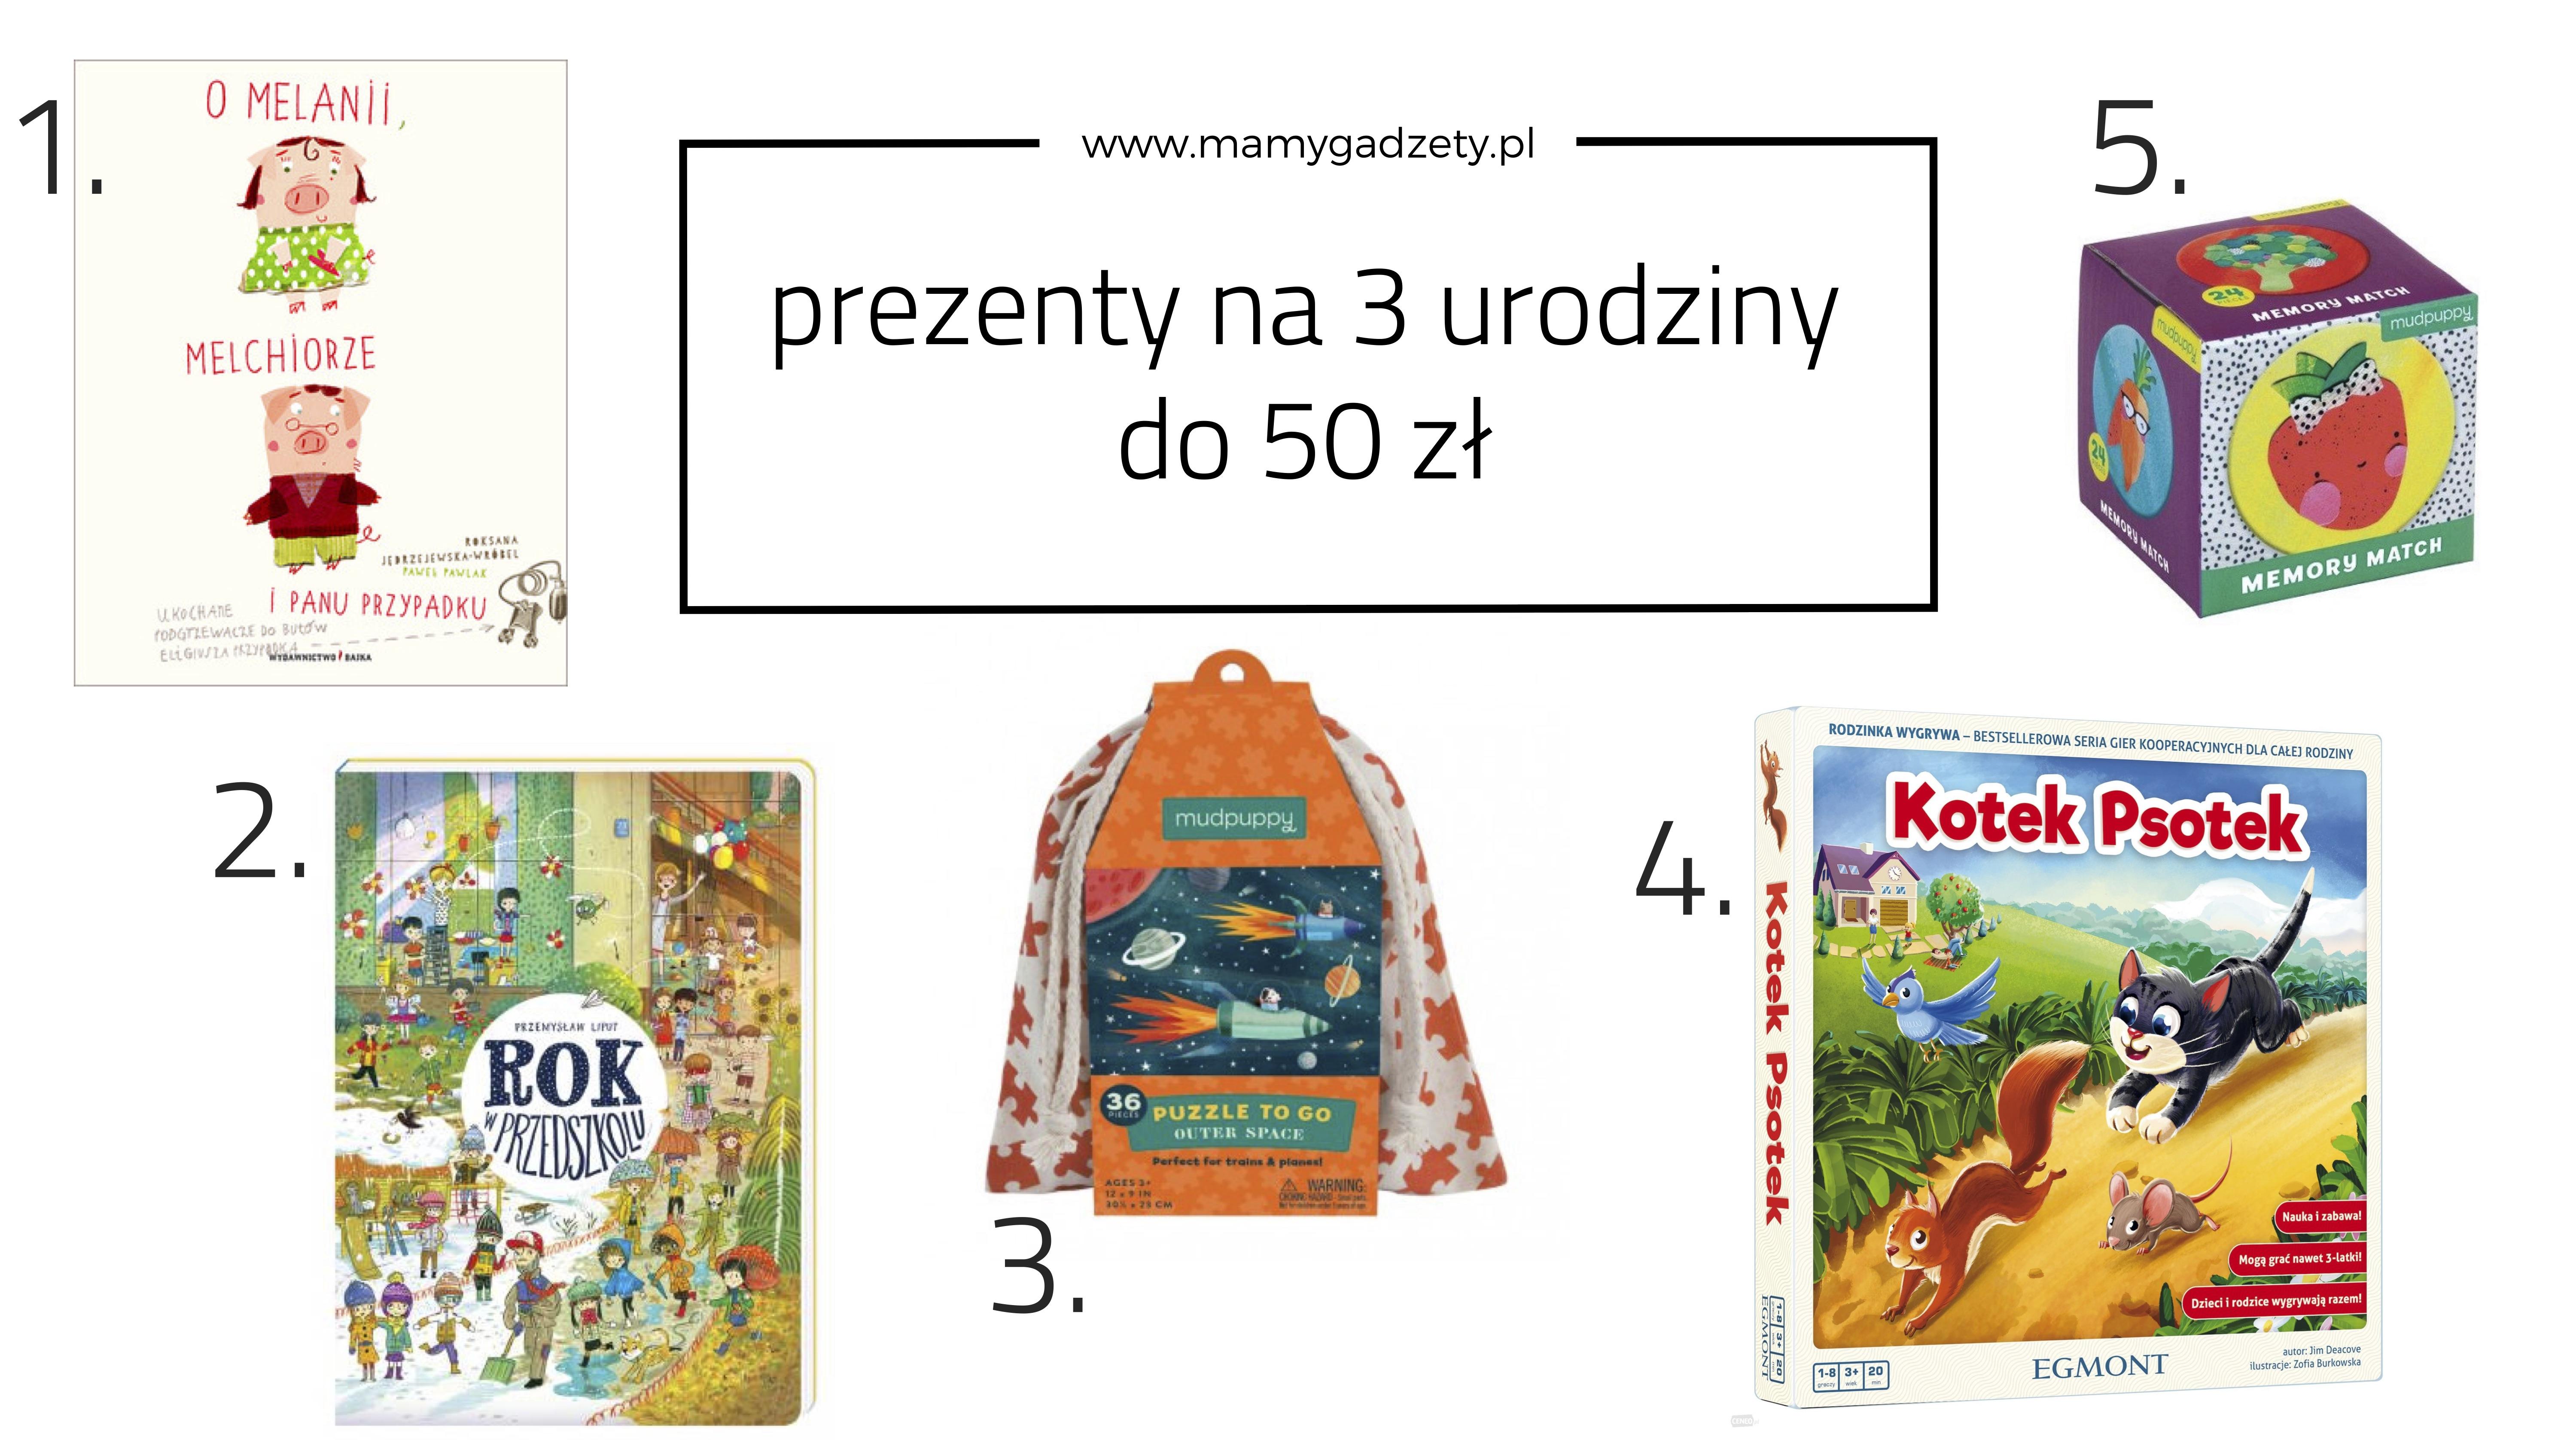 6ae74dc79efba1 Ograniczony budżet prezentowy pozwala na zakup fantastycznych książek!  Większość super książek kosztuje mniej niż 50 złotych, więc nie ma się co  martwić tym ...